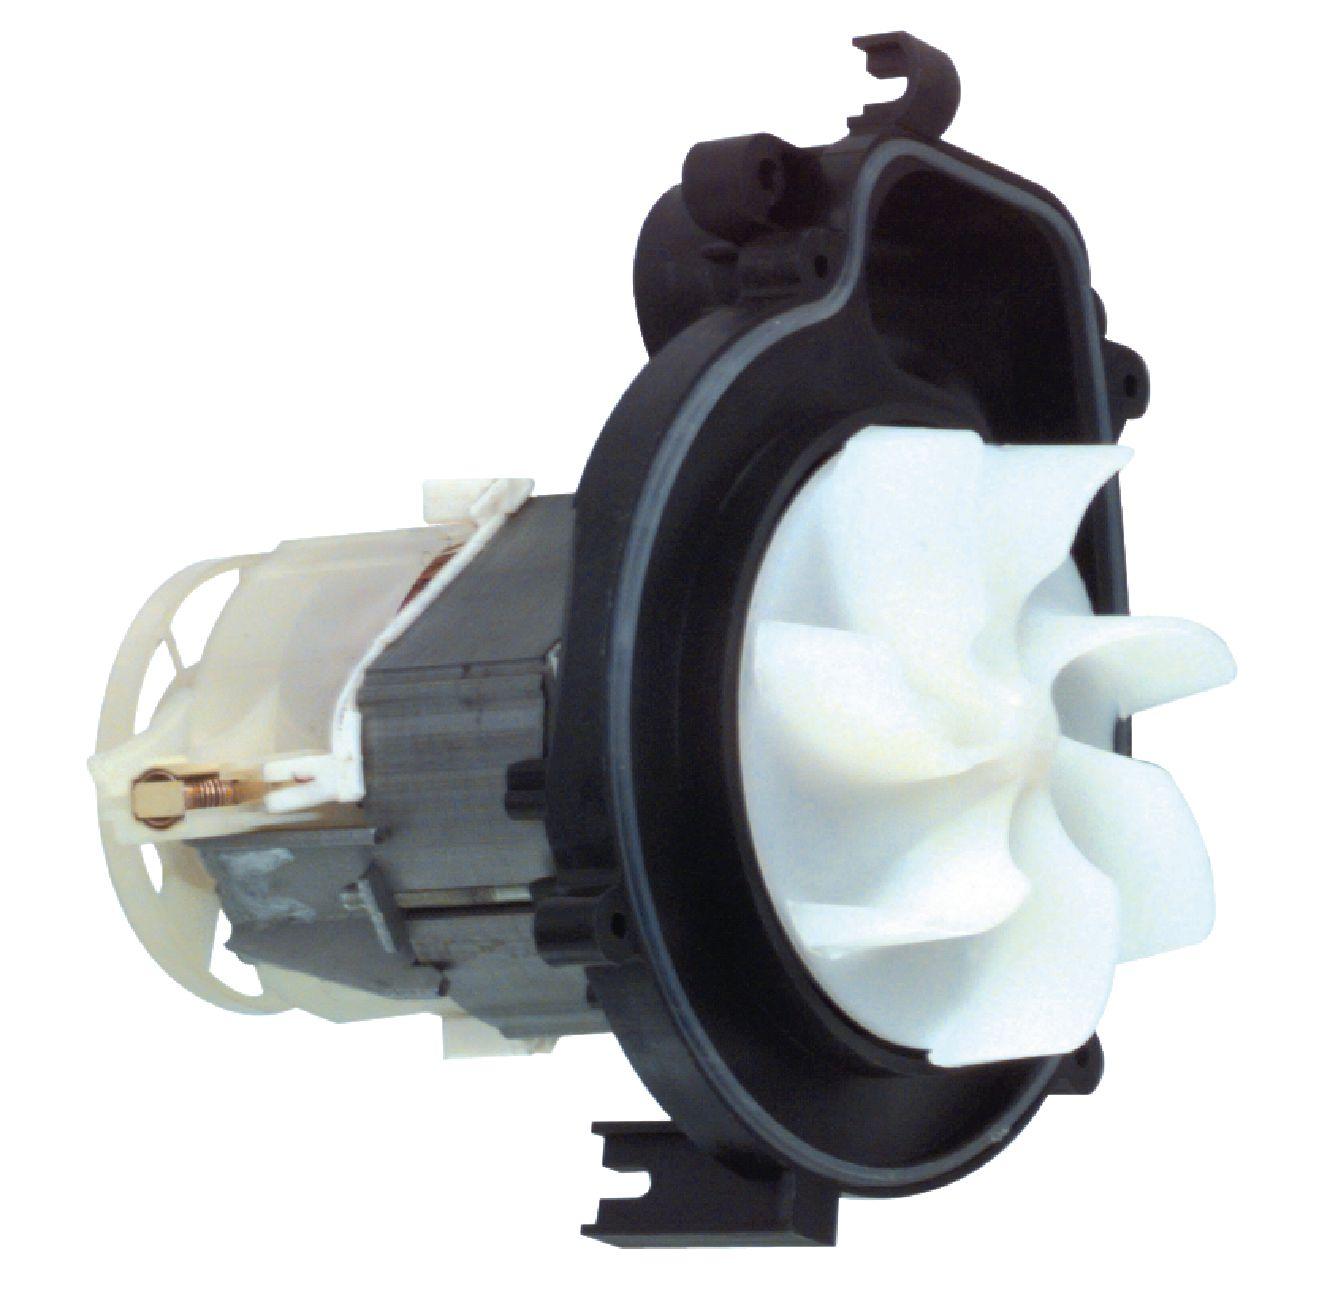 Univerzální motor pro vysavače Vorwerk, typ VK120/121/122 W7-18519/A